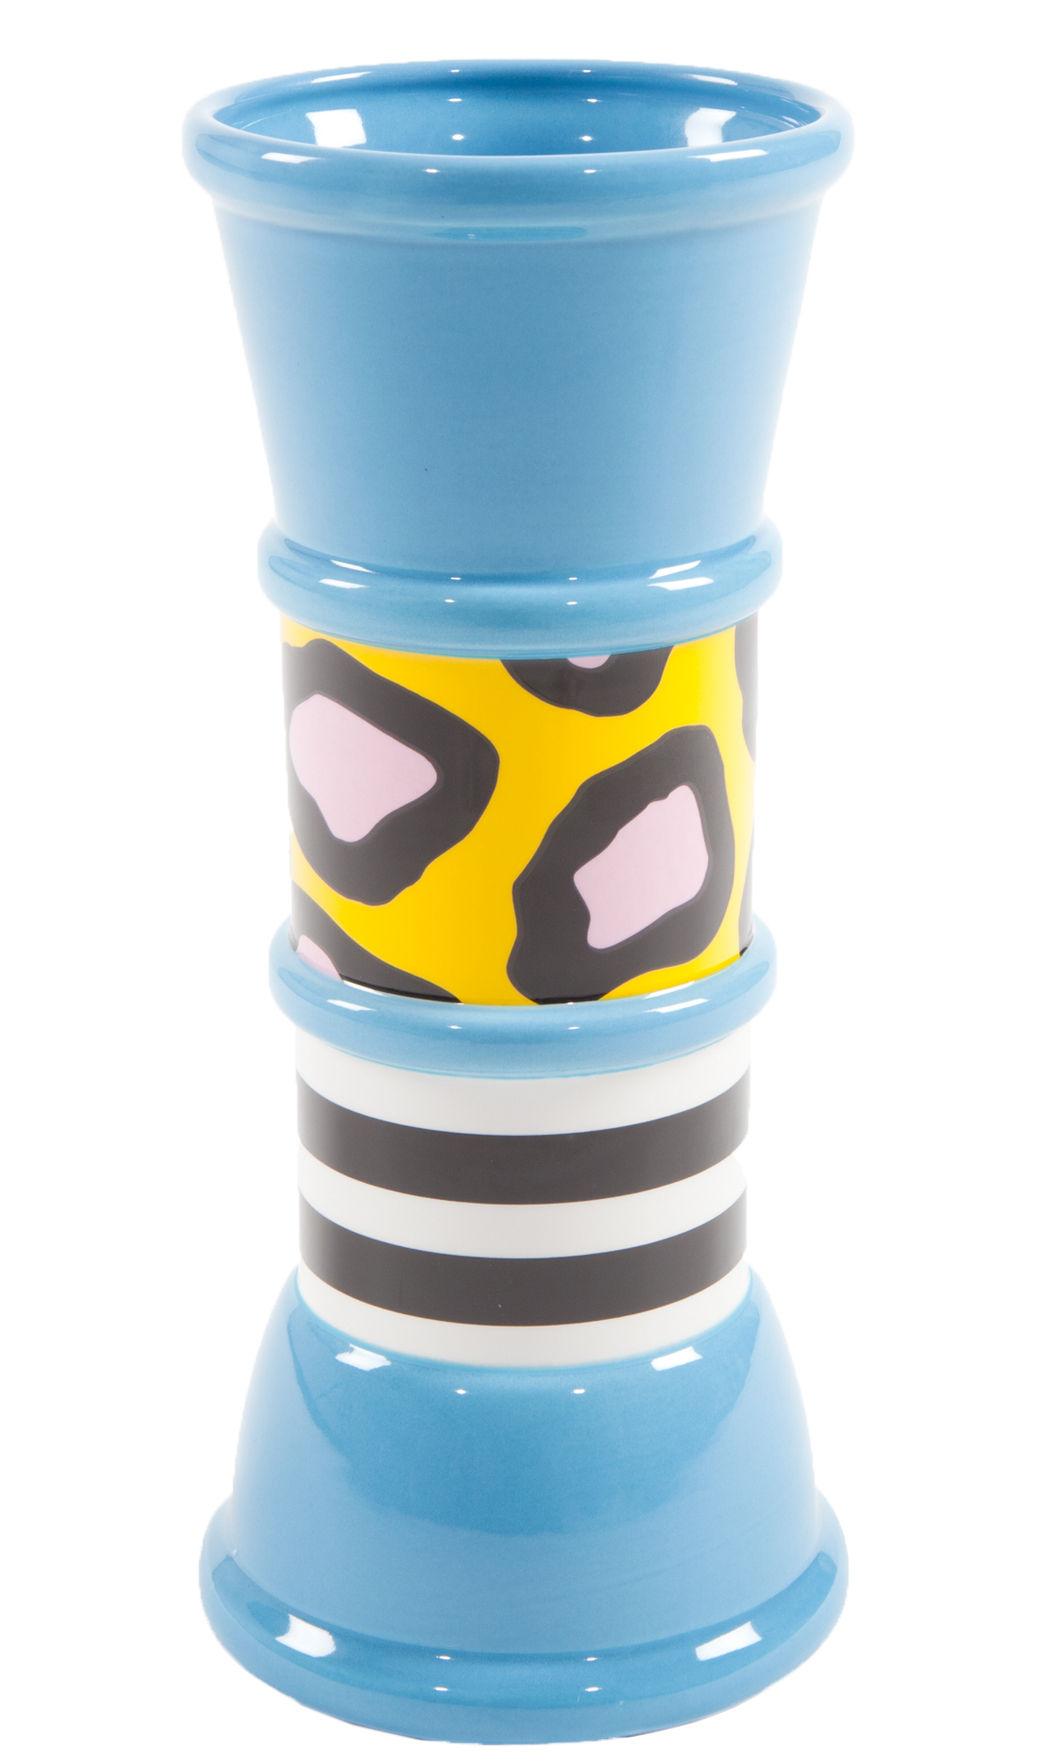 Interni - Vasi - Vaso Carrot - by Nathalie du Pasquier / 1985 di Memphis Milano - Multicolore - Ceramica